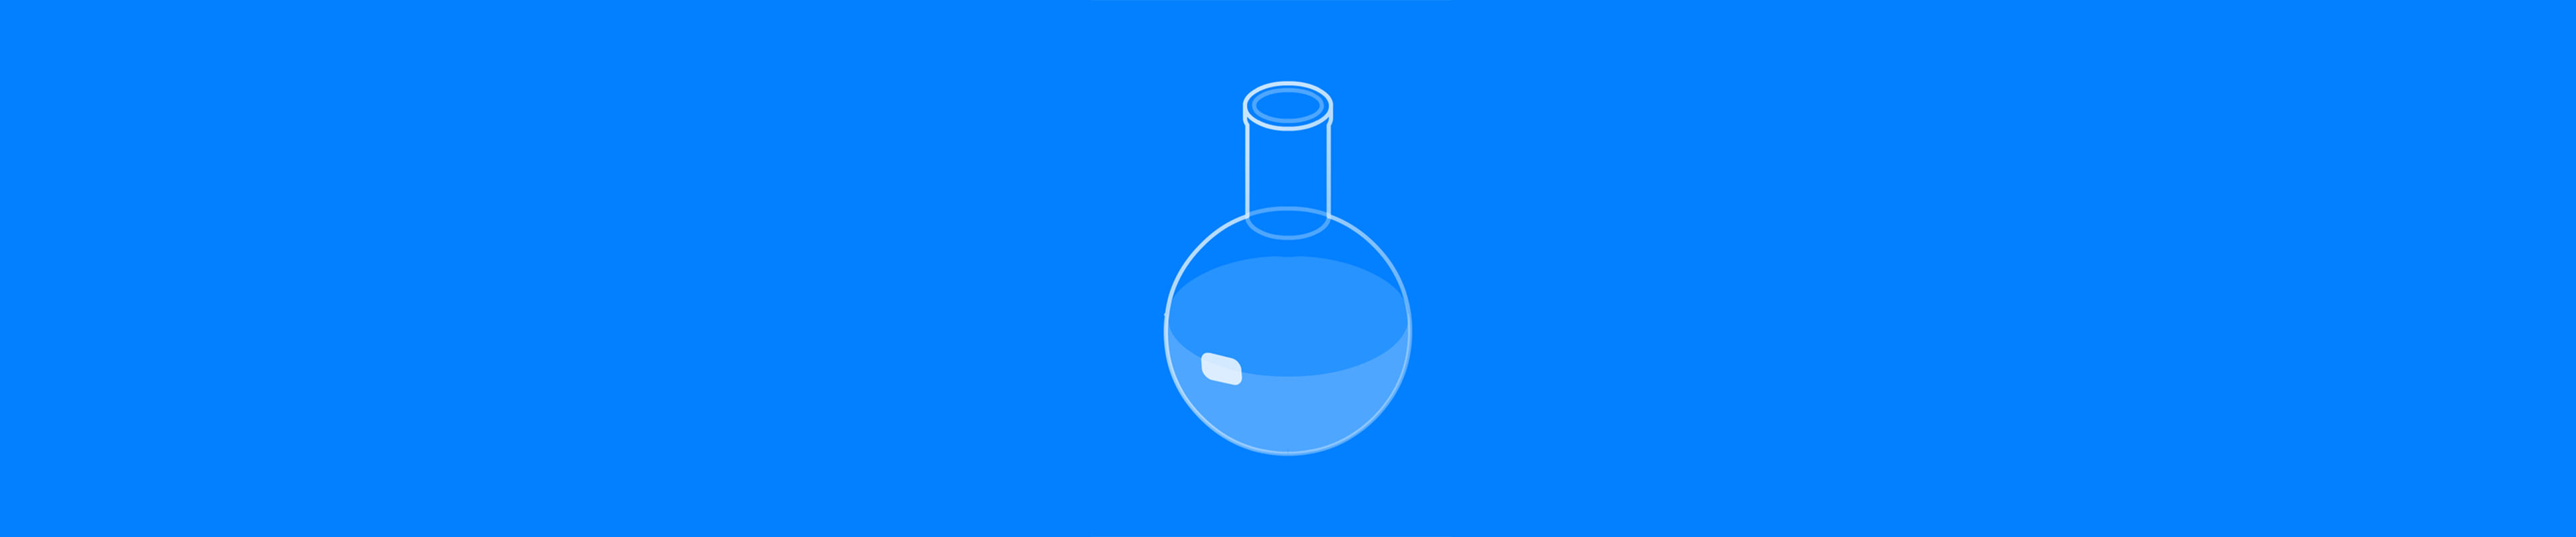 [已购]化学家-草蜢资源